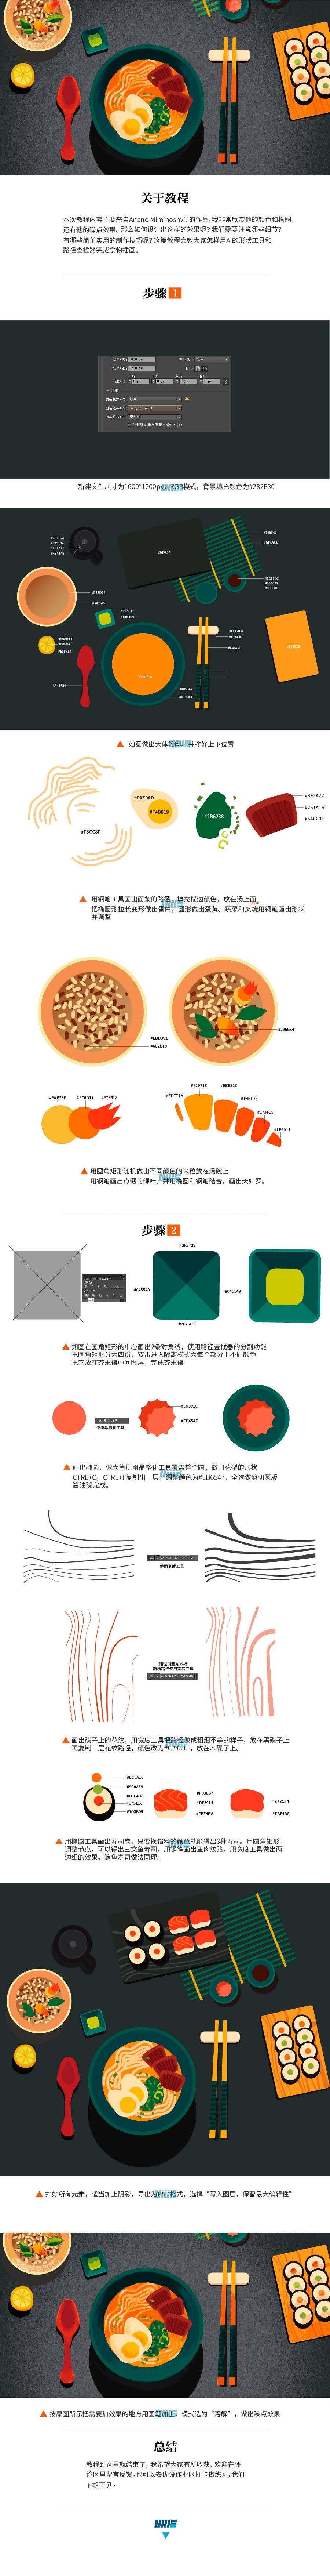 Photoshop设计磨砂风格的日本料理插画,PS教程,思缘教程网